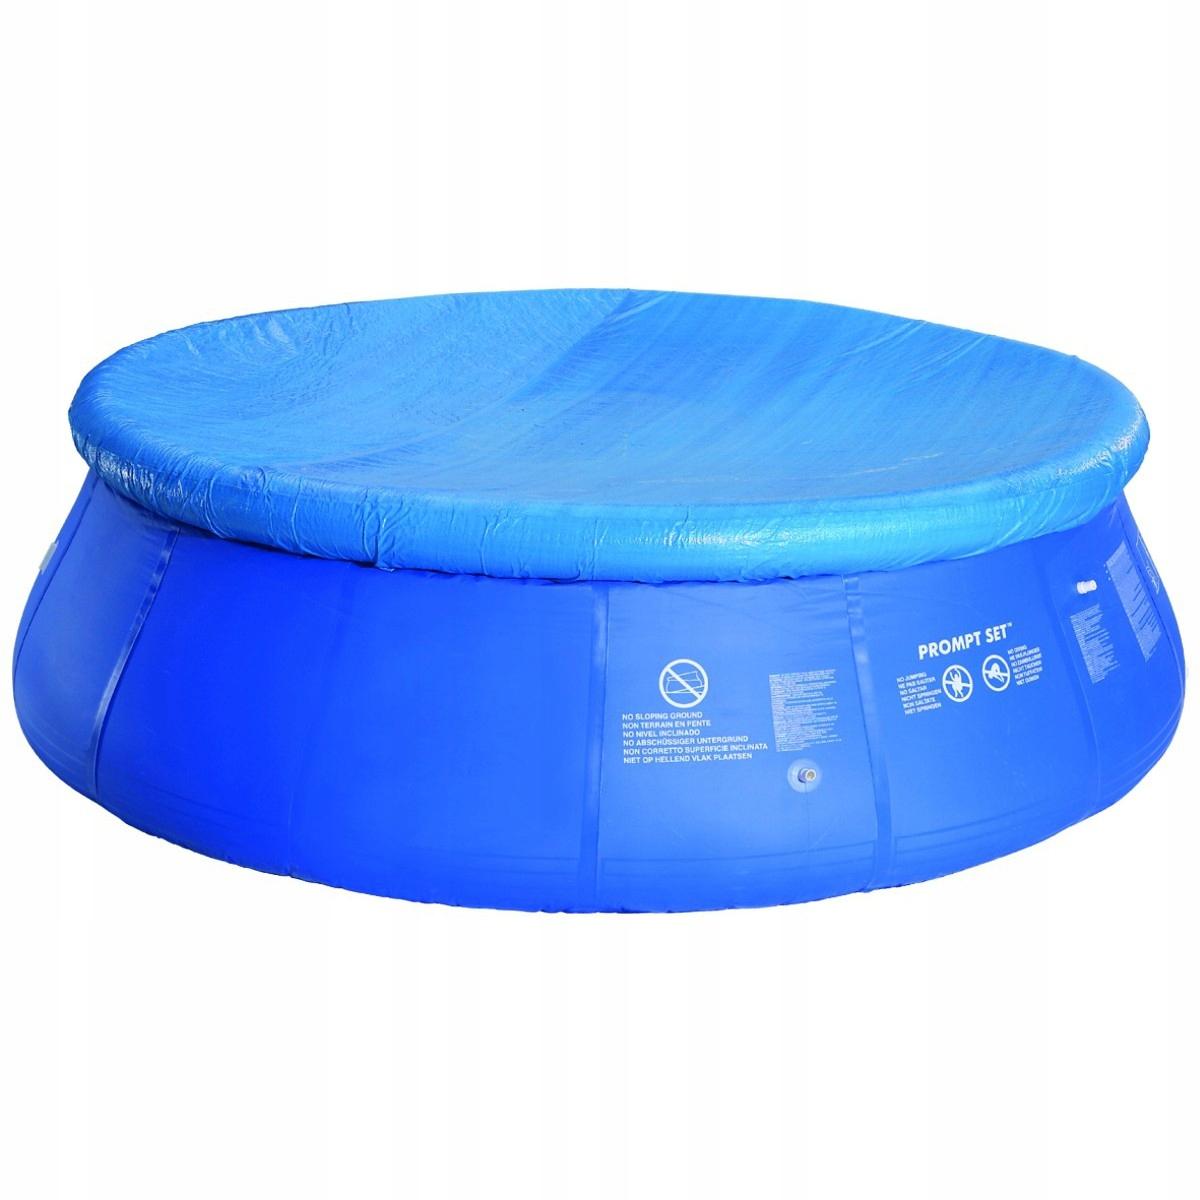 Крышка на бассейн распорный 300см 16124 1